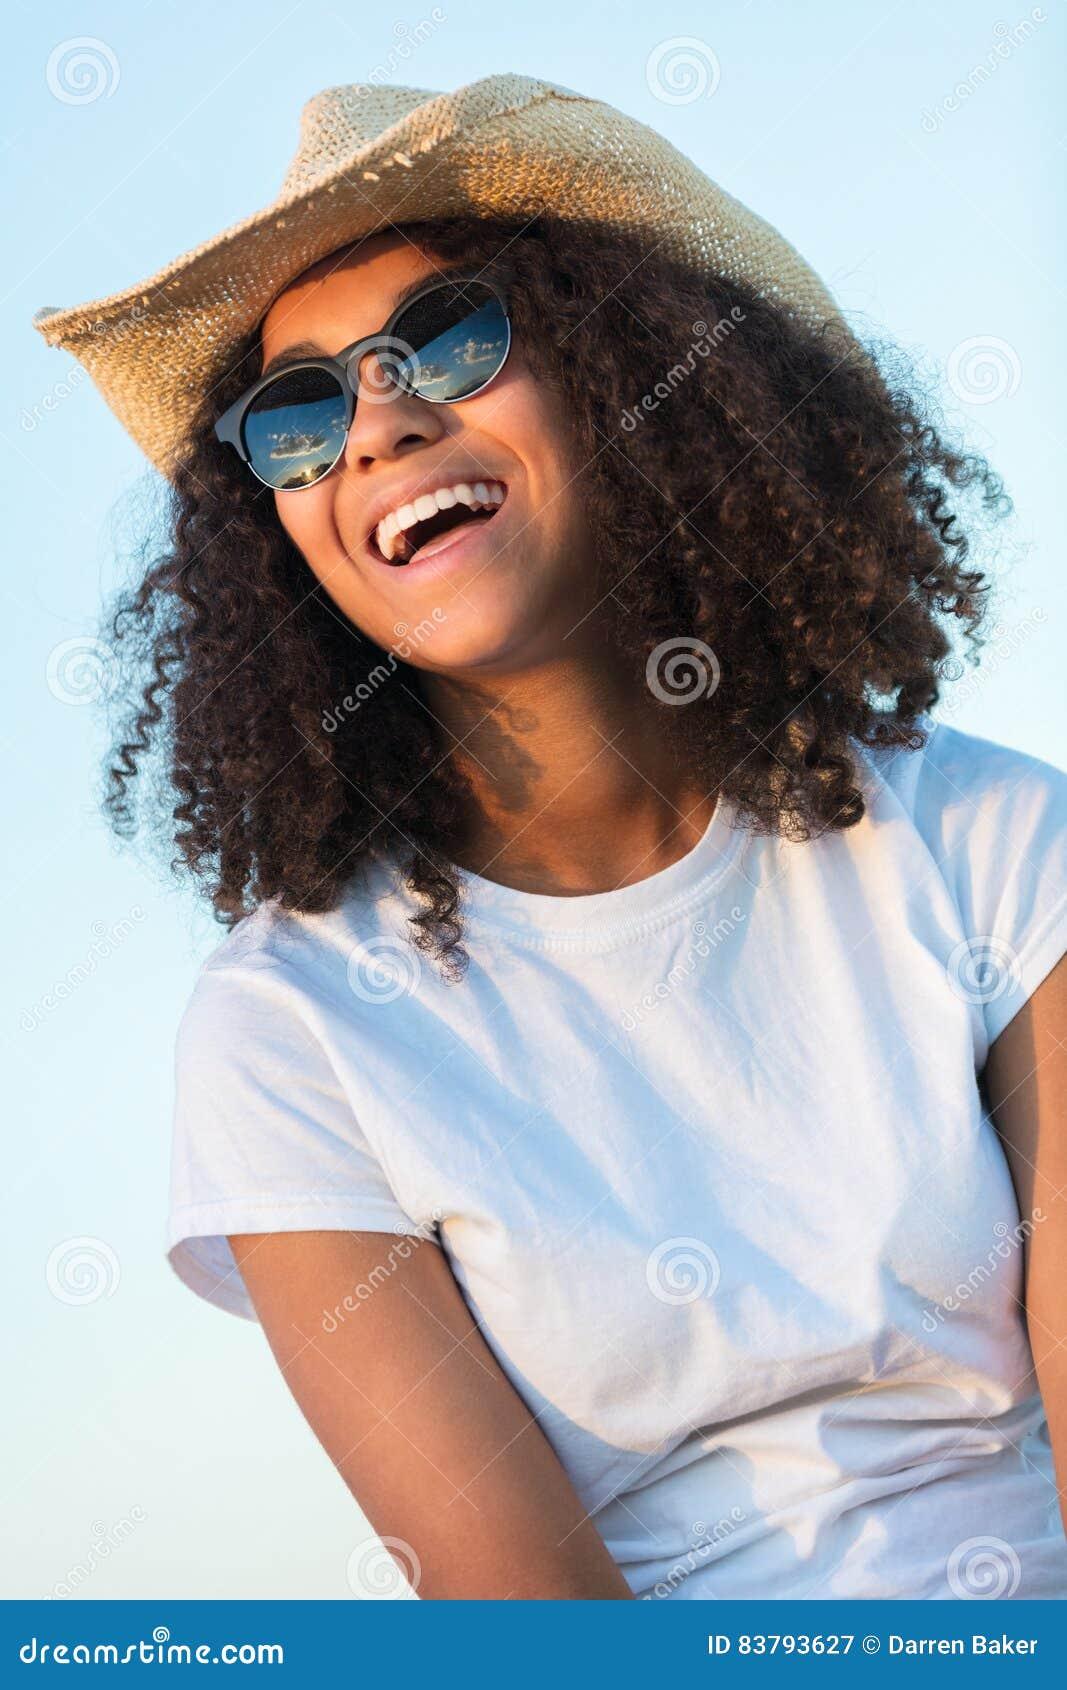 Girl outdoor upskirt